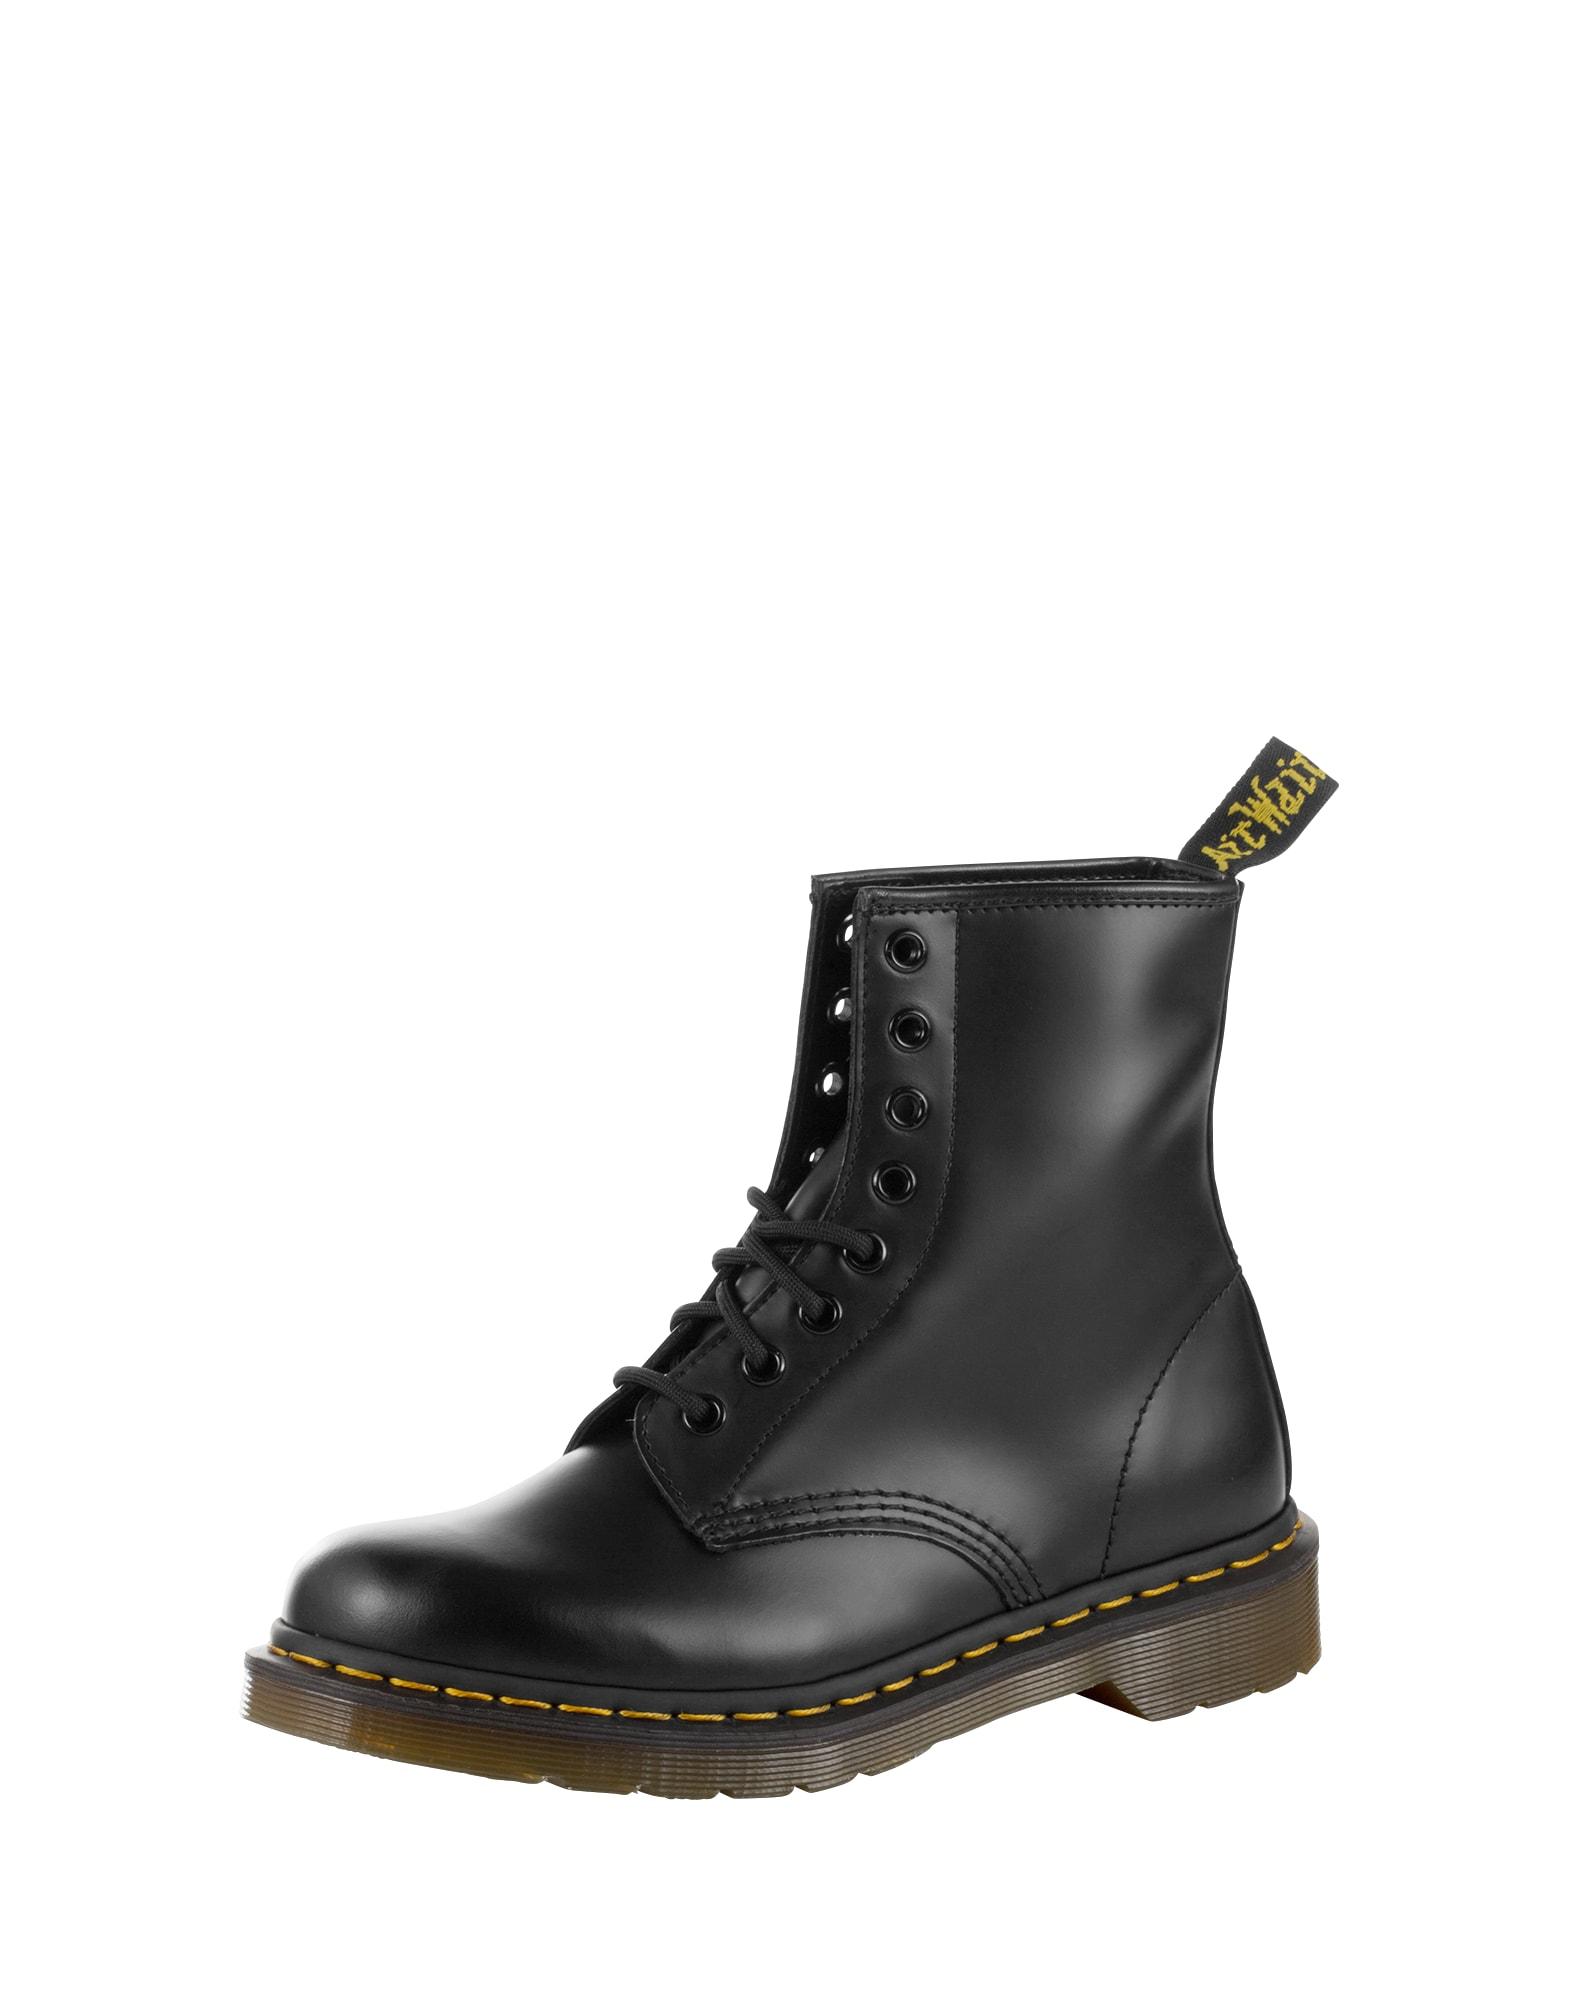 Šněrovací boty 1460 černá Dr. Martens